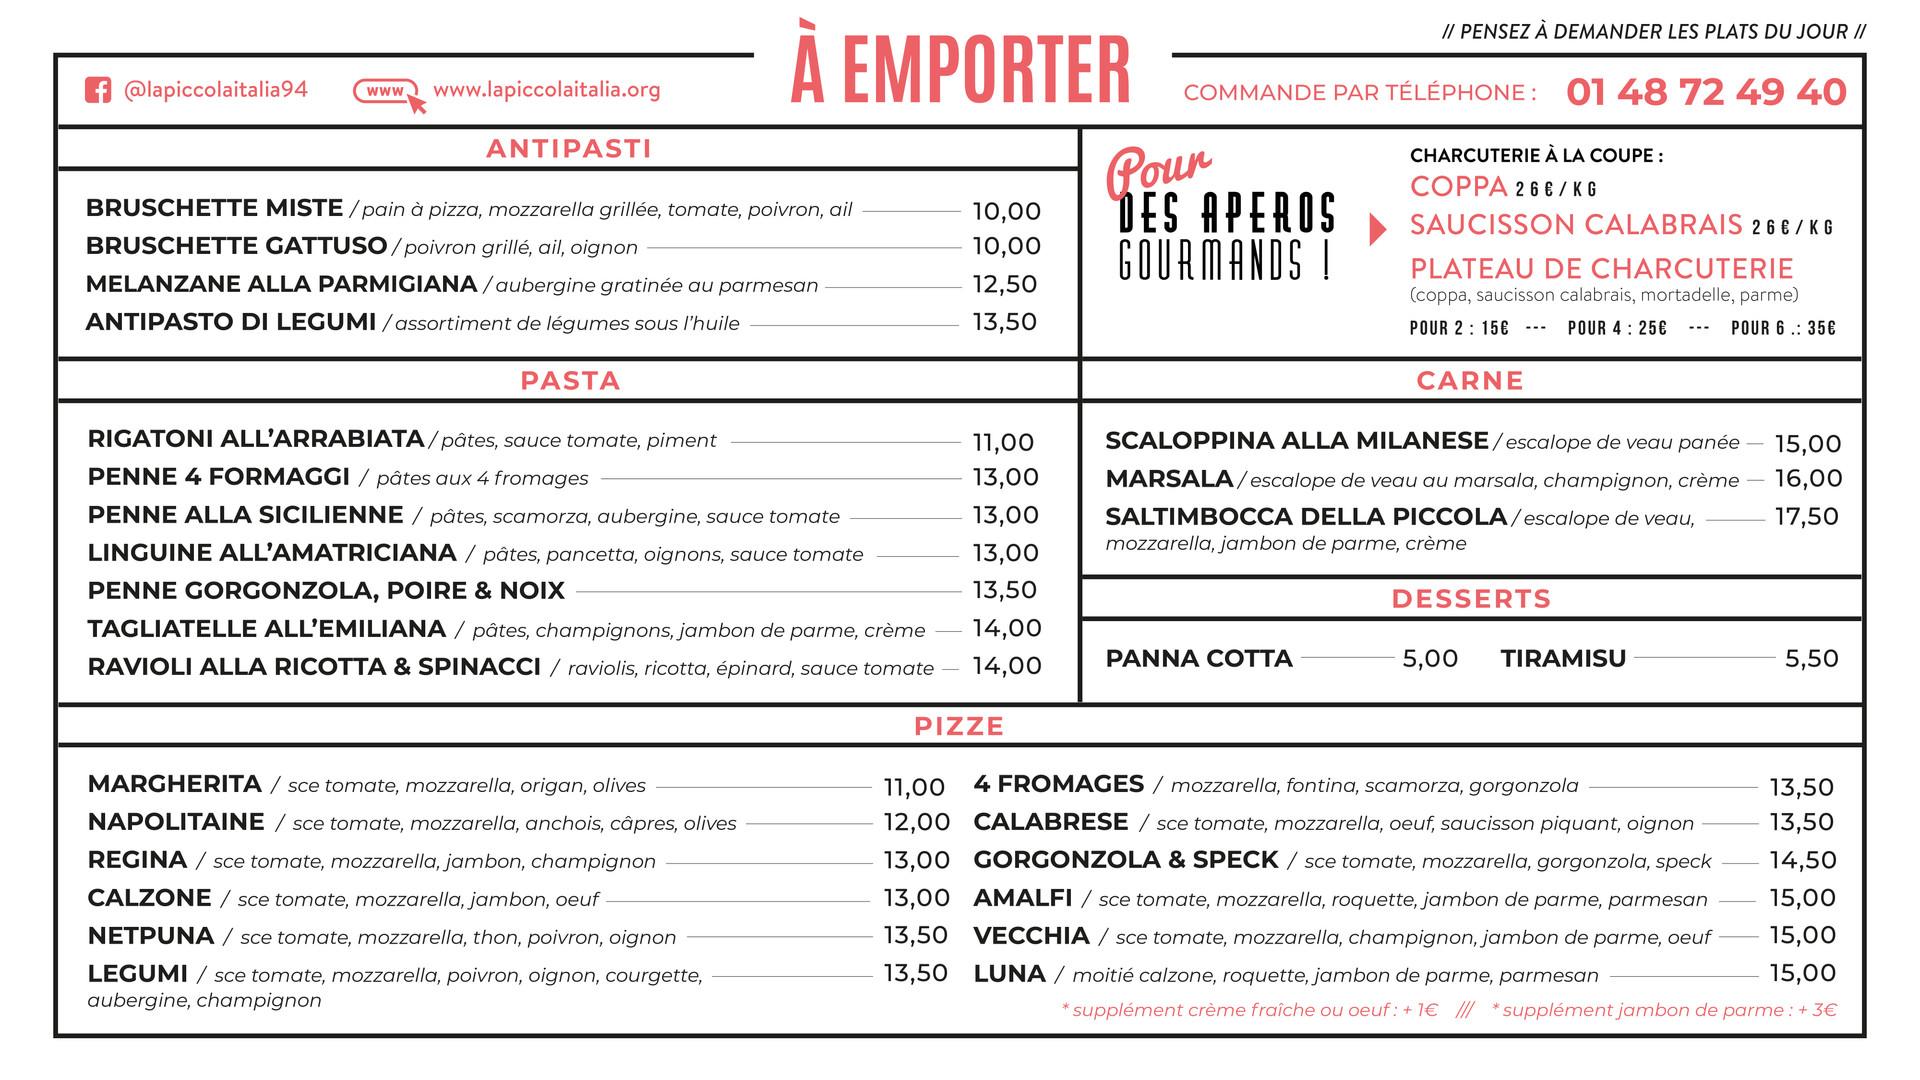 carte menu emporter